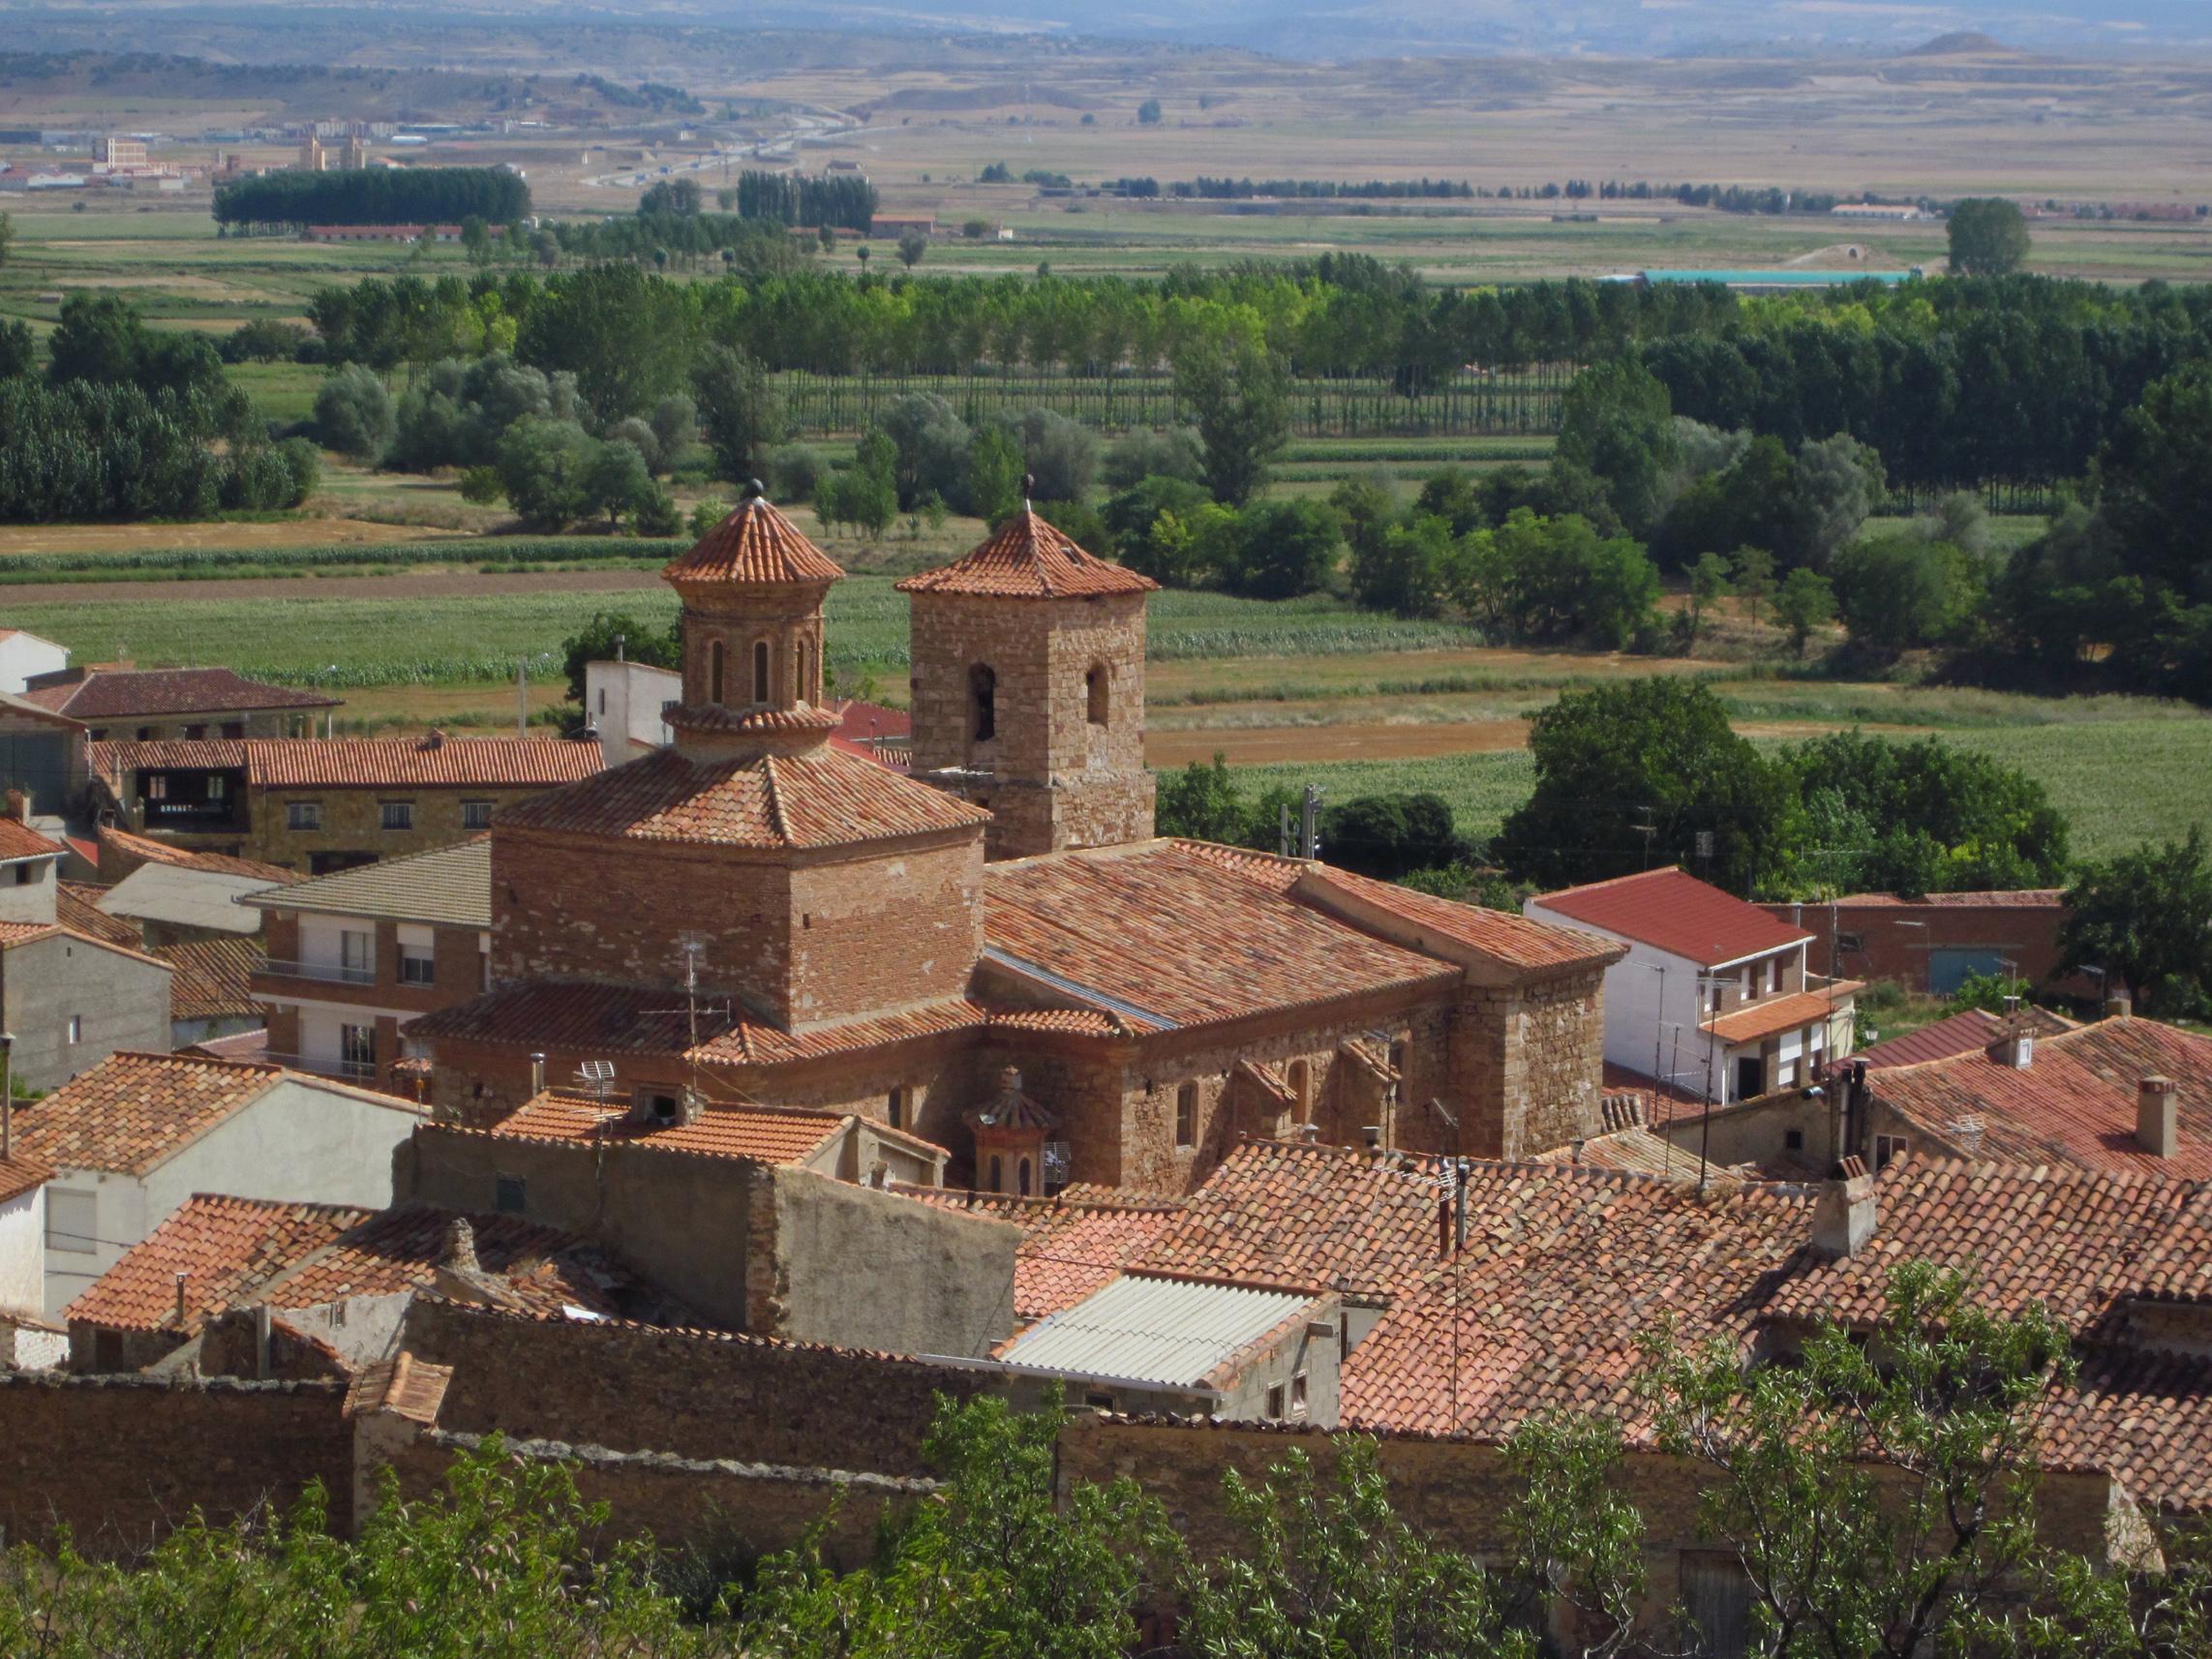 La humedad ataca a la turolense iglesia de El Poyo del Cid.